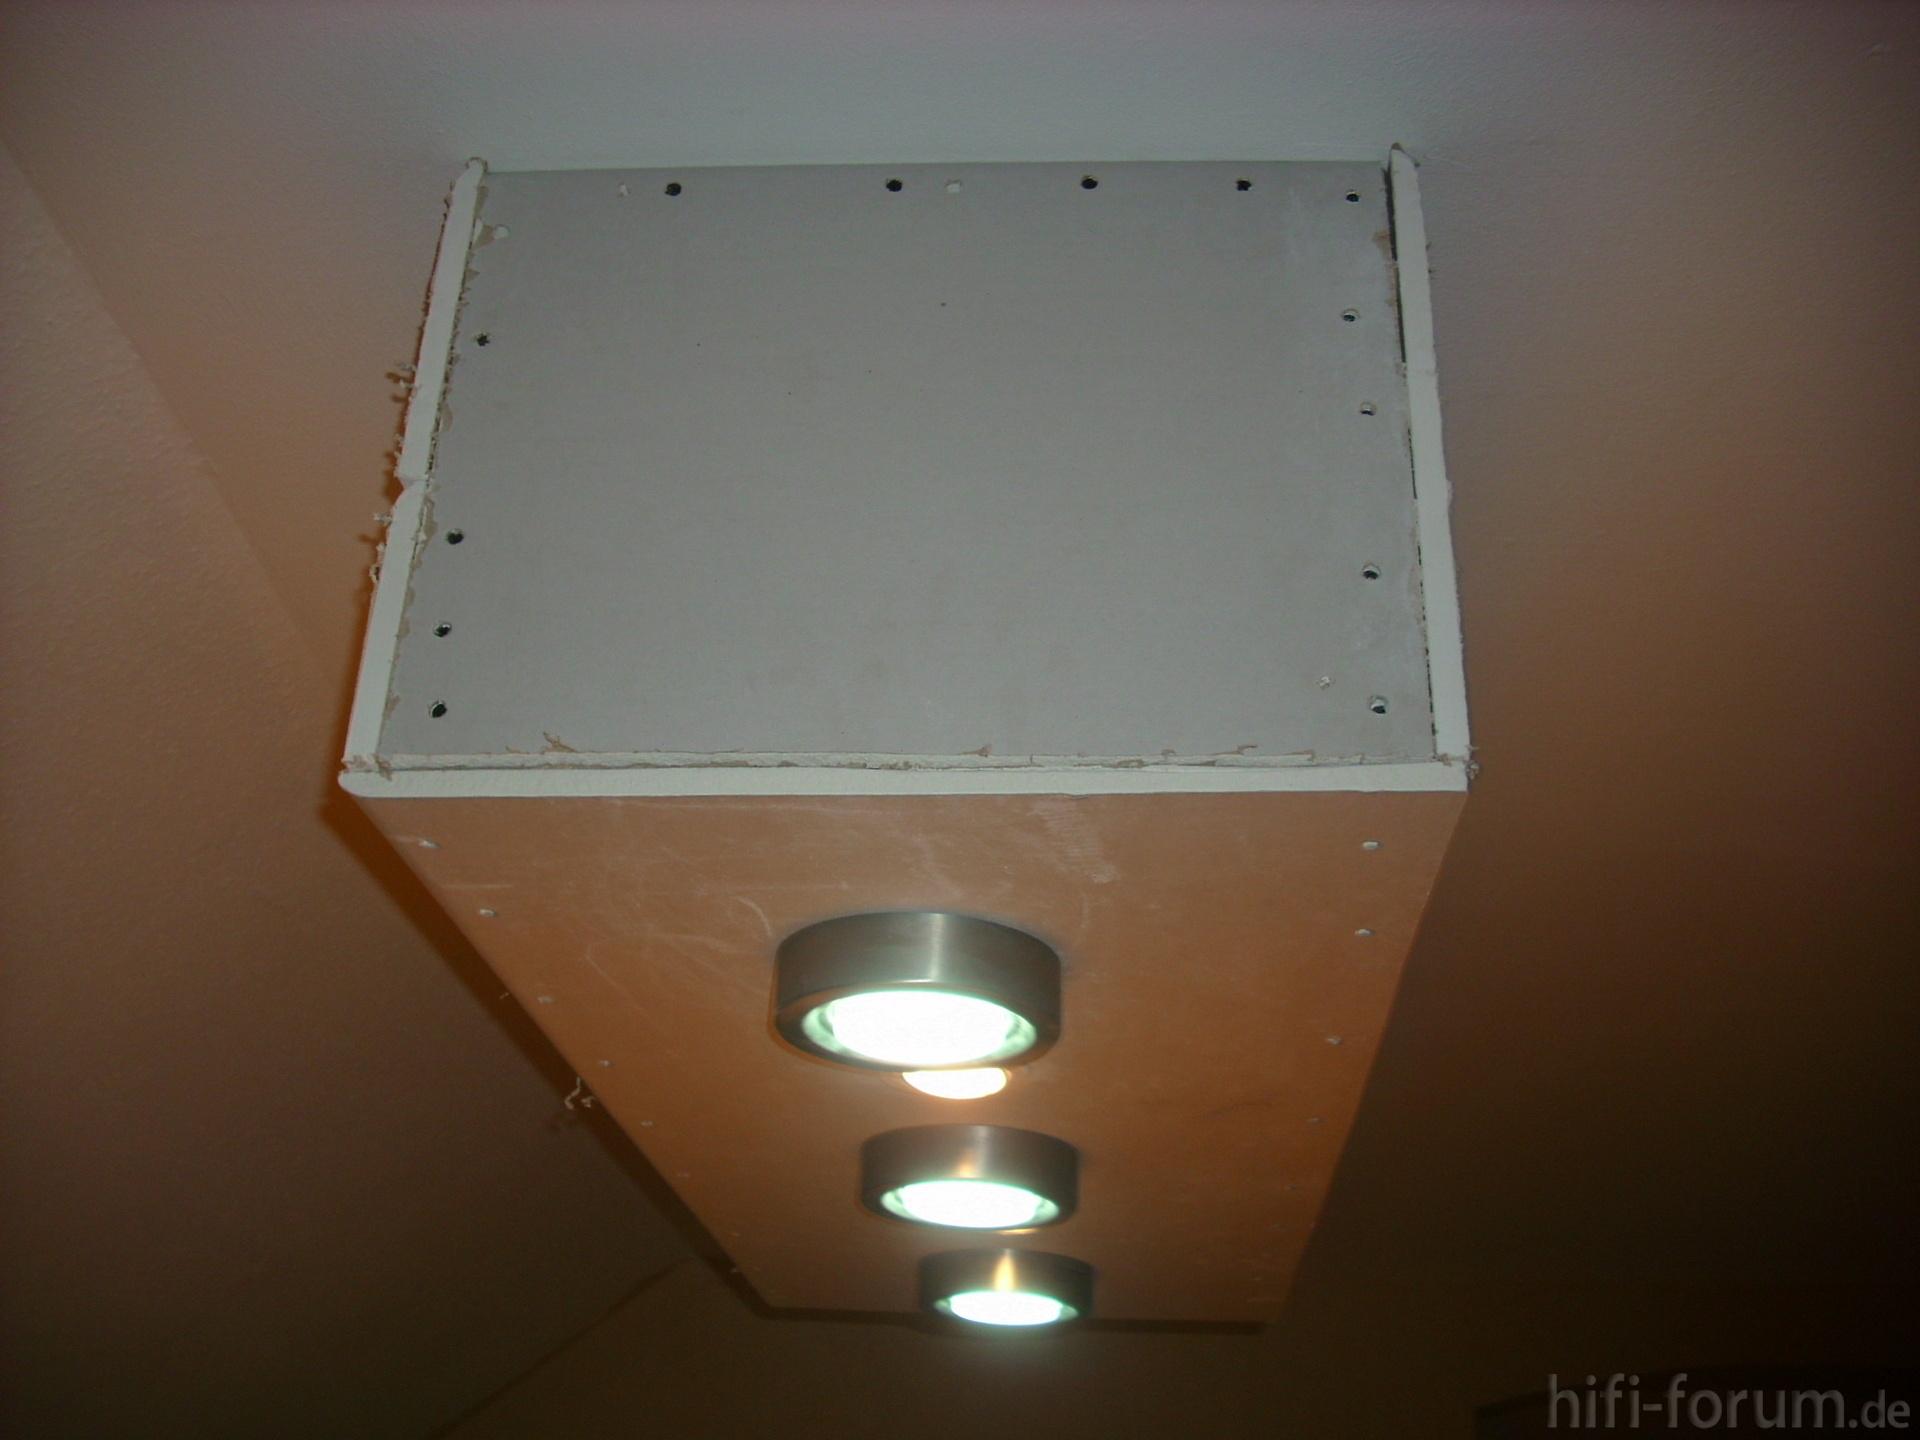 kasten bauen mit rigips wohnwand selber bauen einfache ideen zum nachbauen. Black Bedroom Furniture Sets. Home Design Ideas